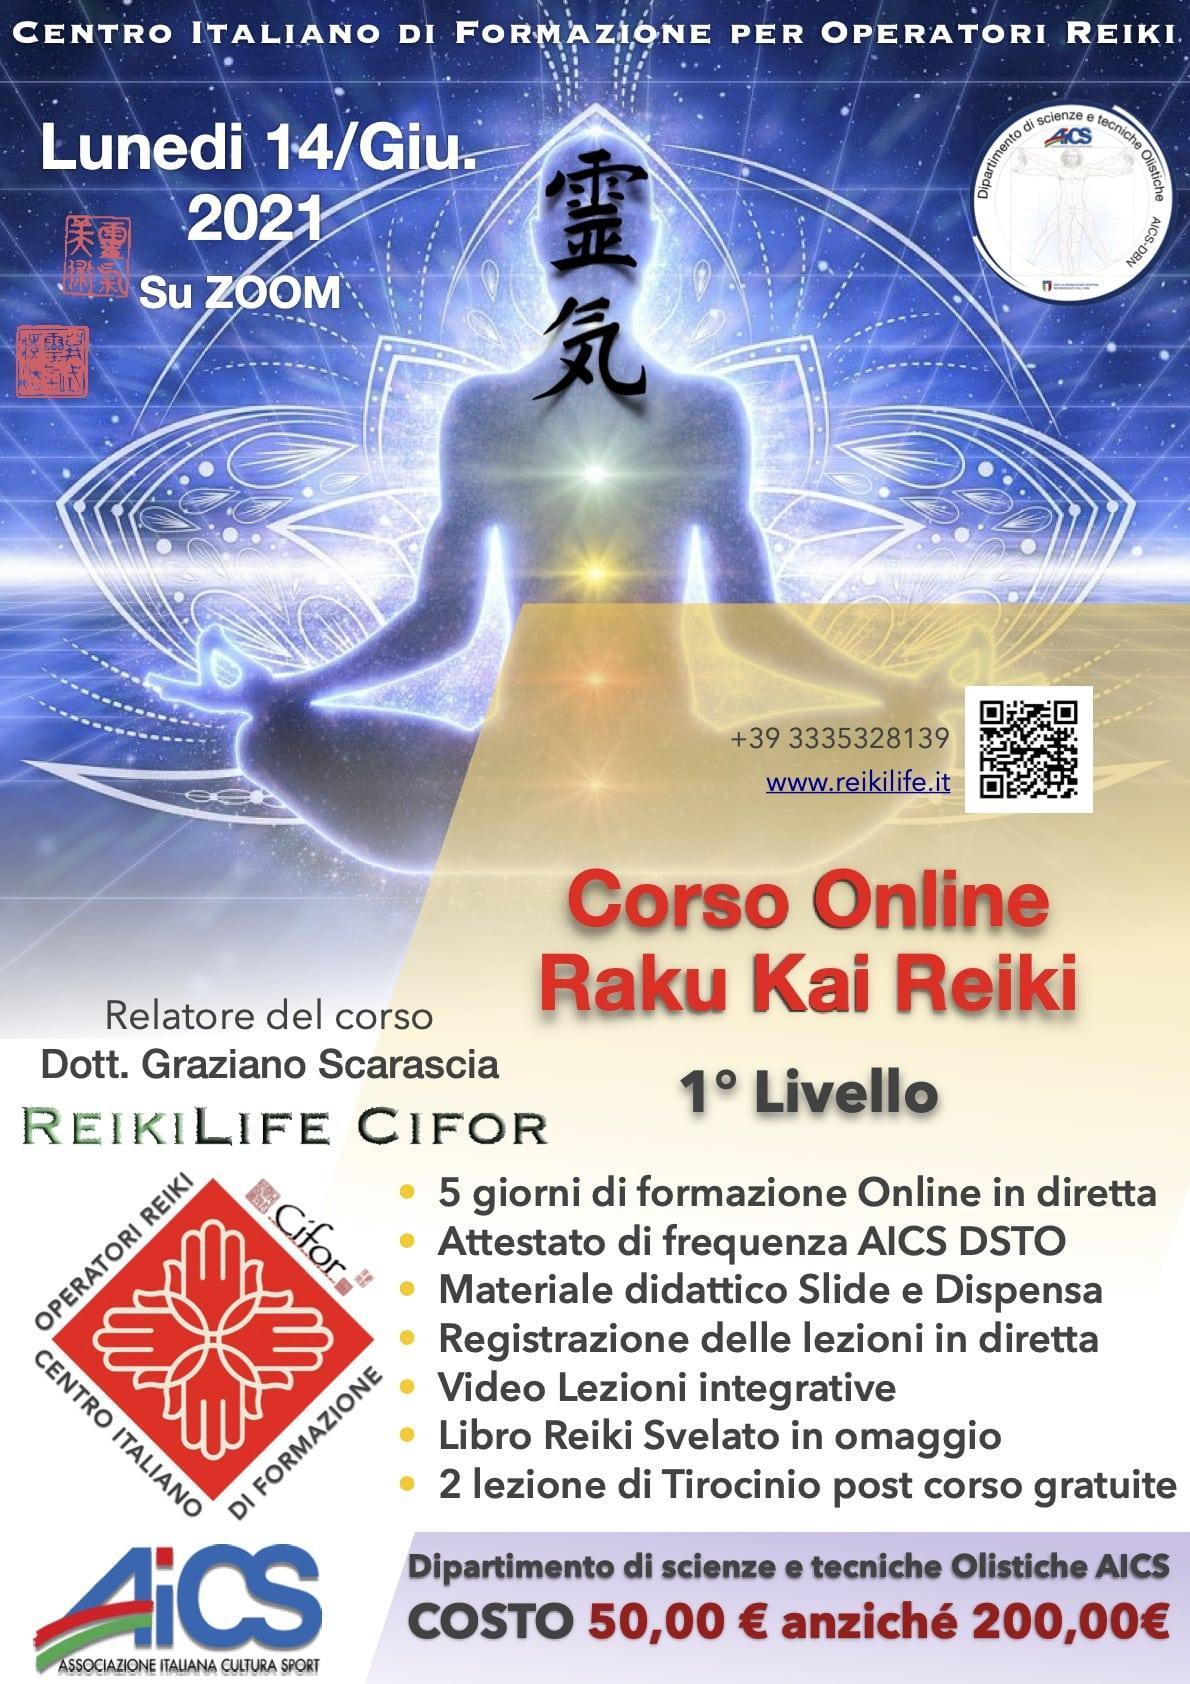 Corso online raku Kai Reiki 1 livello 14 giugno 2021